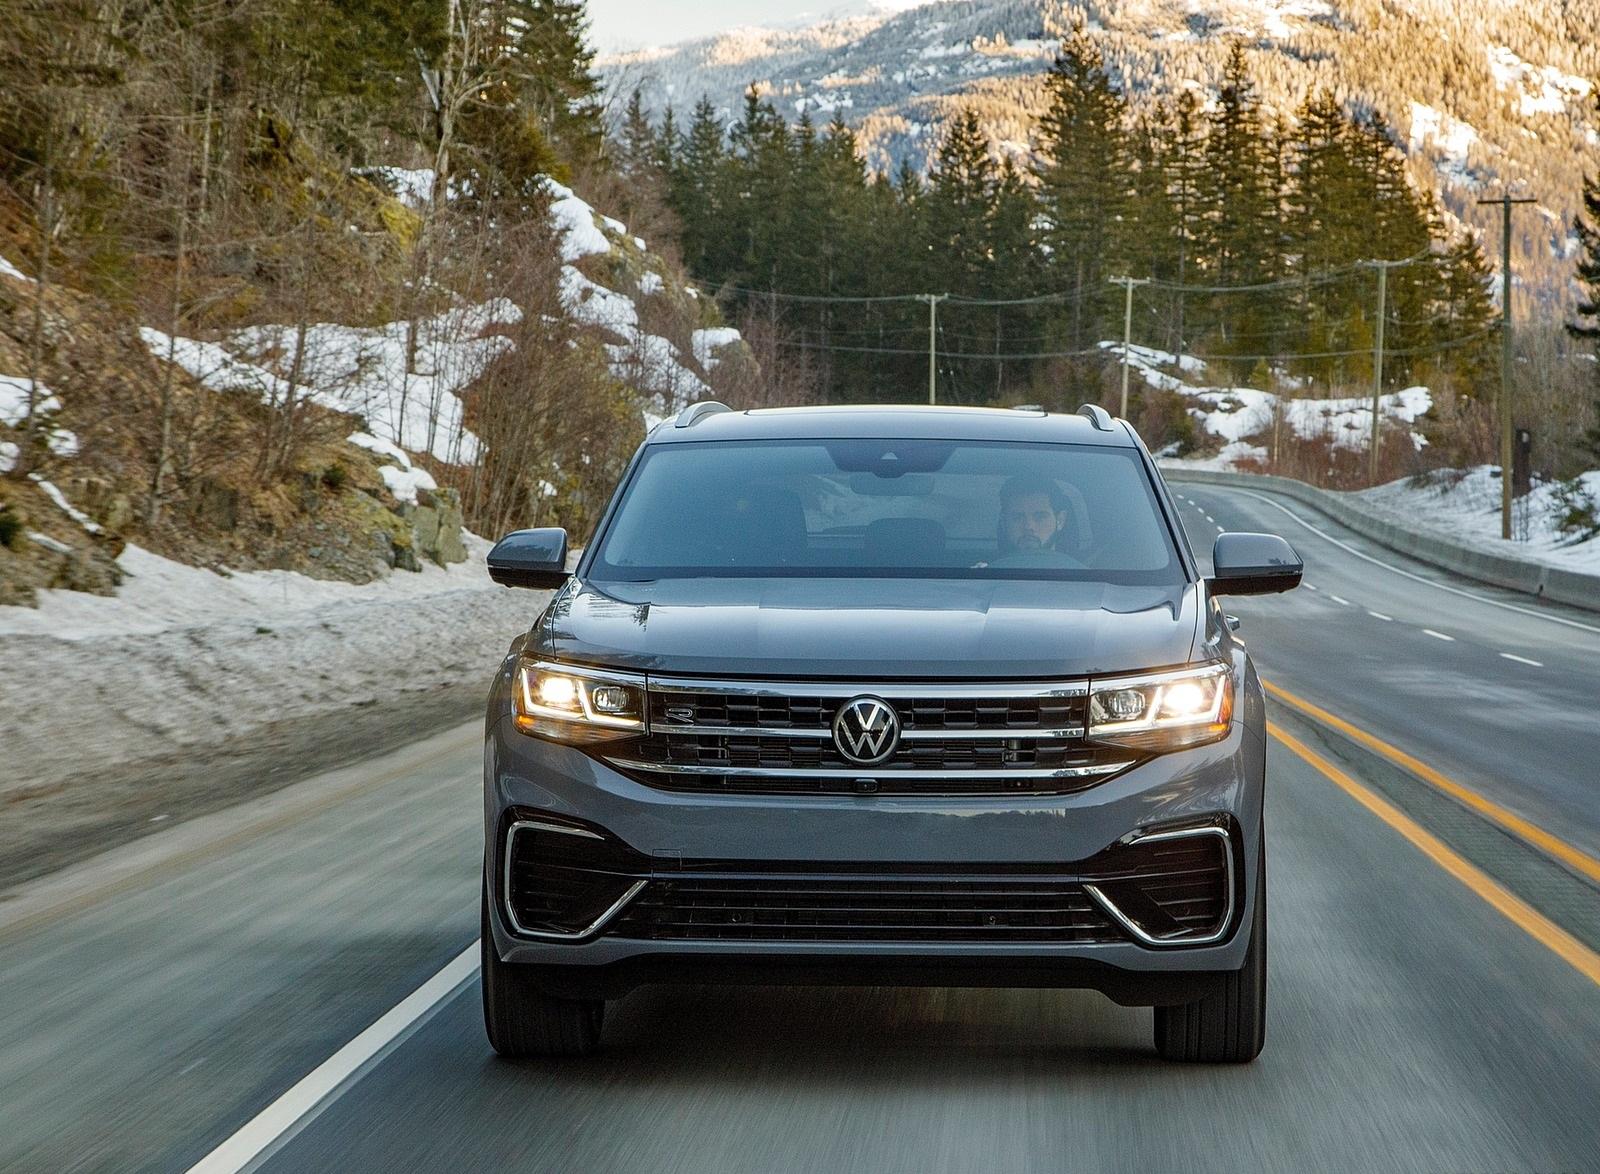 2020 Volkswagen Atlas Cross Sport SEL Premium R Line (Color: Pure Gray) Front Wallpapers (2)